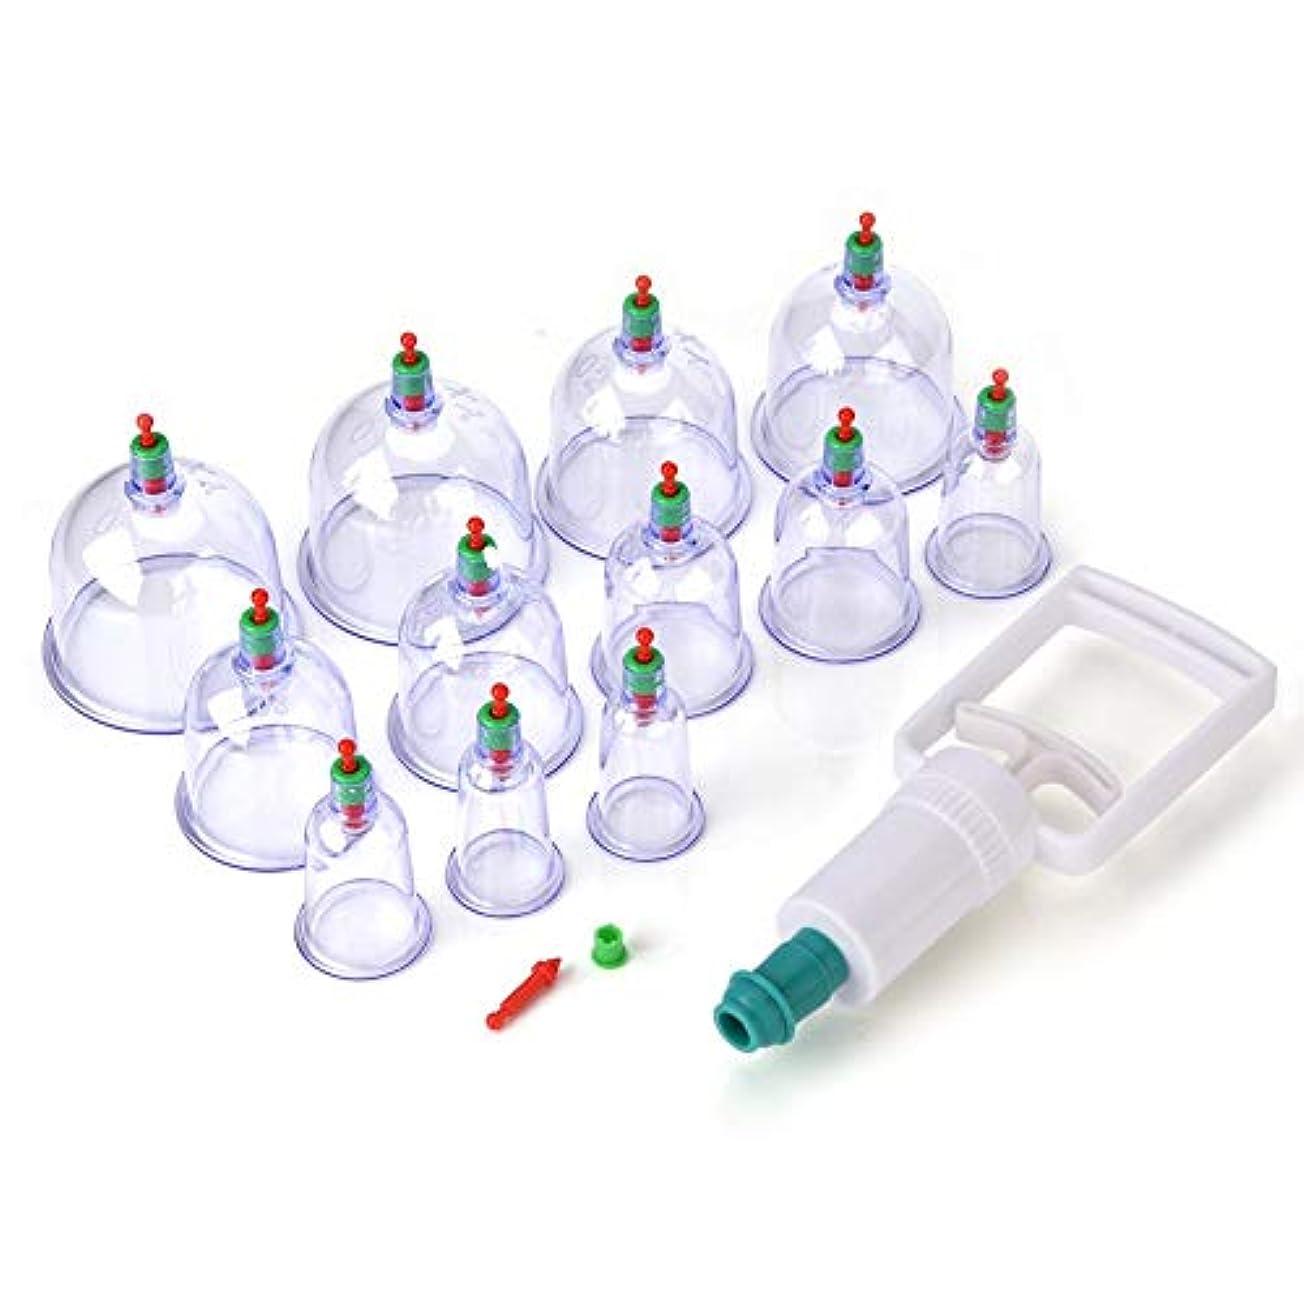 ファウルスーツタワー12 Cups With Pump Vacuum Cupping Islamic Hijama Nabawi Treatment Suction Therapy